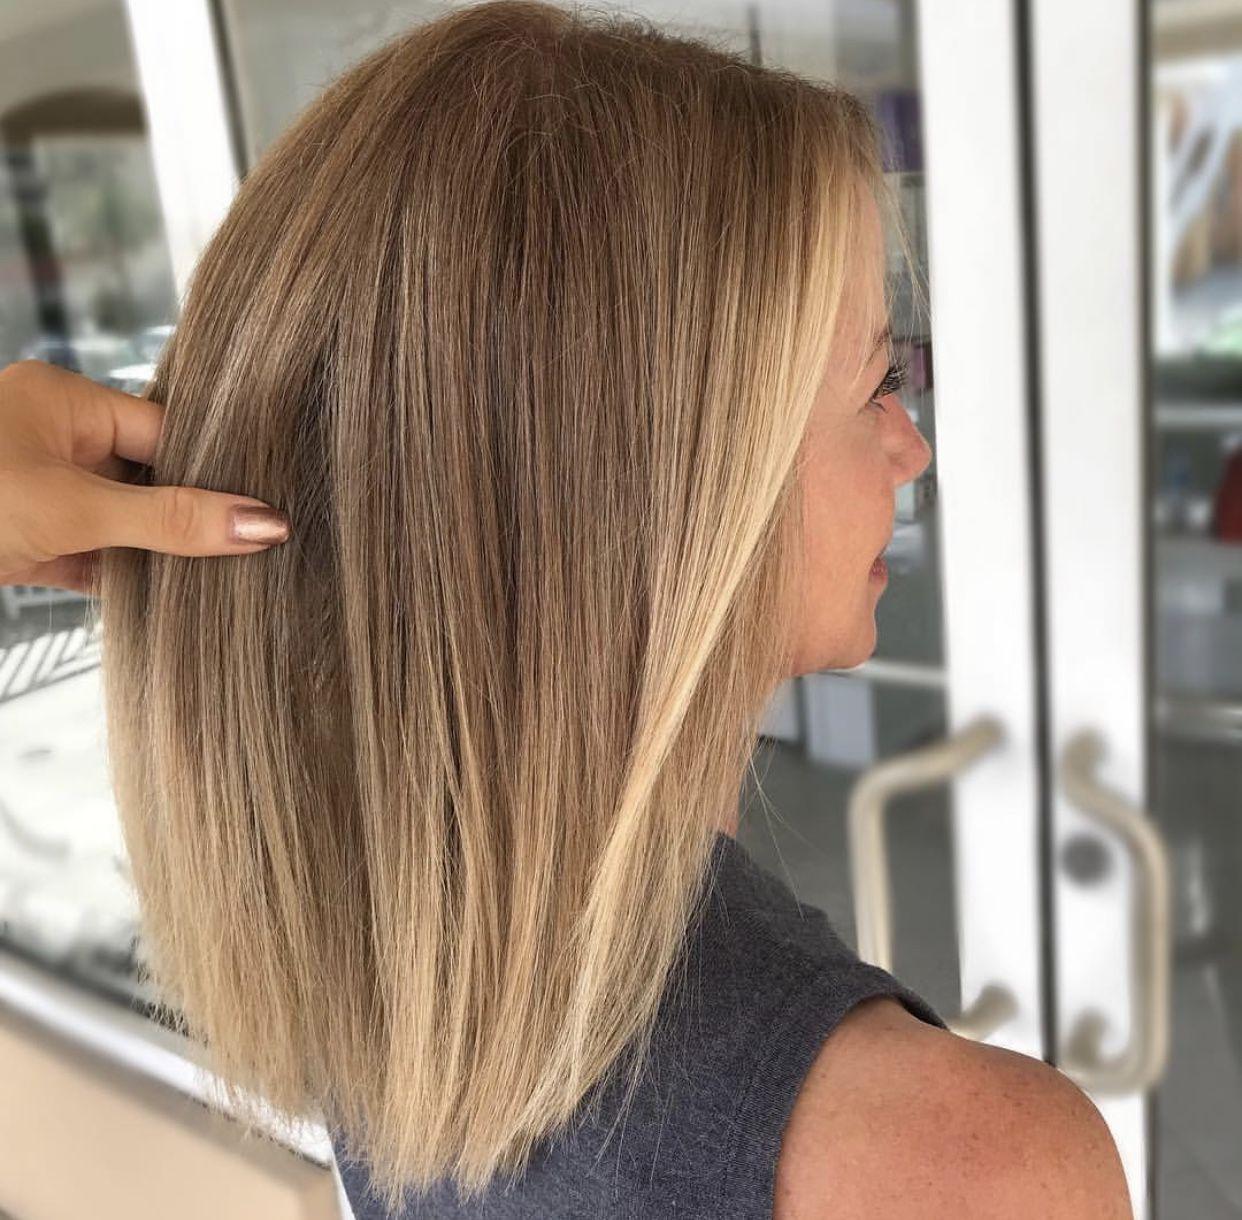 Pin By Brittany Aker On Heasutariu Haircuts Straight Hair Low Maintenance Hair Thin Hair Haircuts